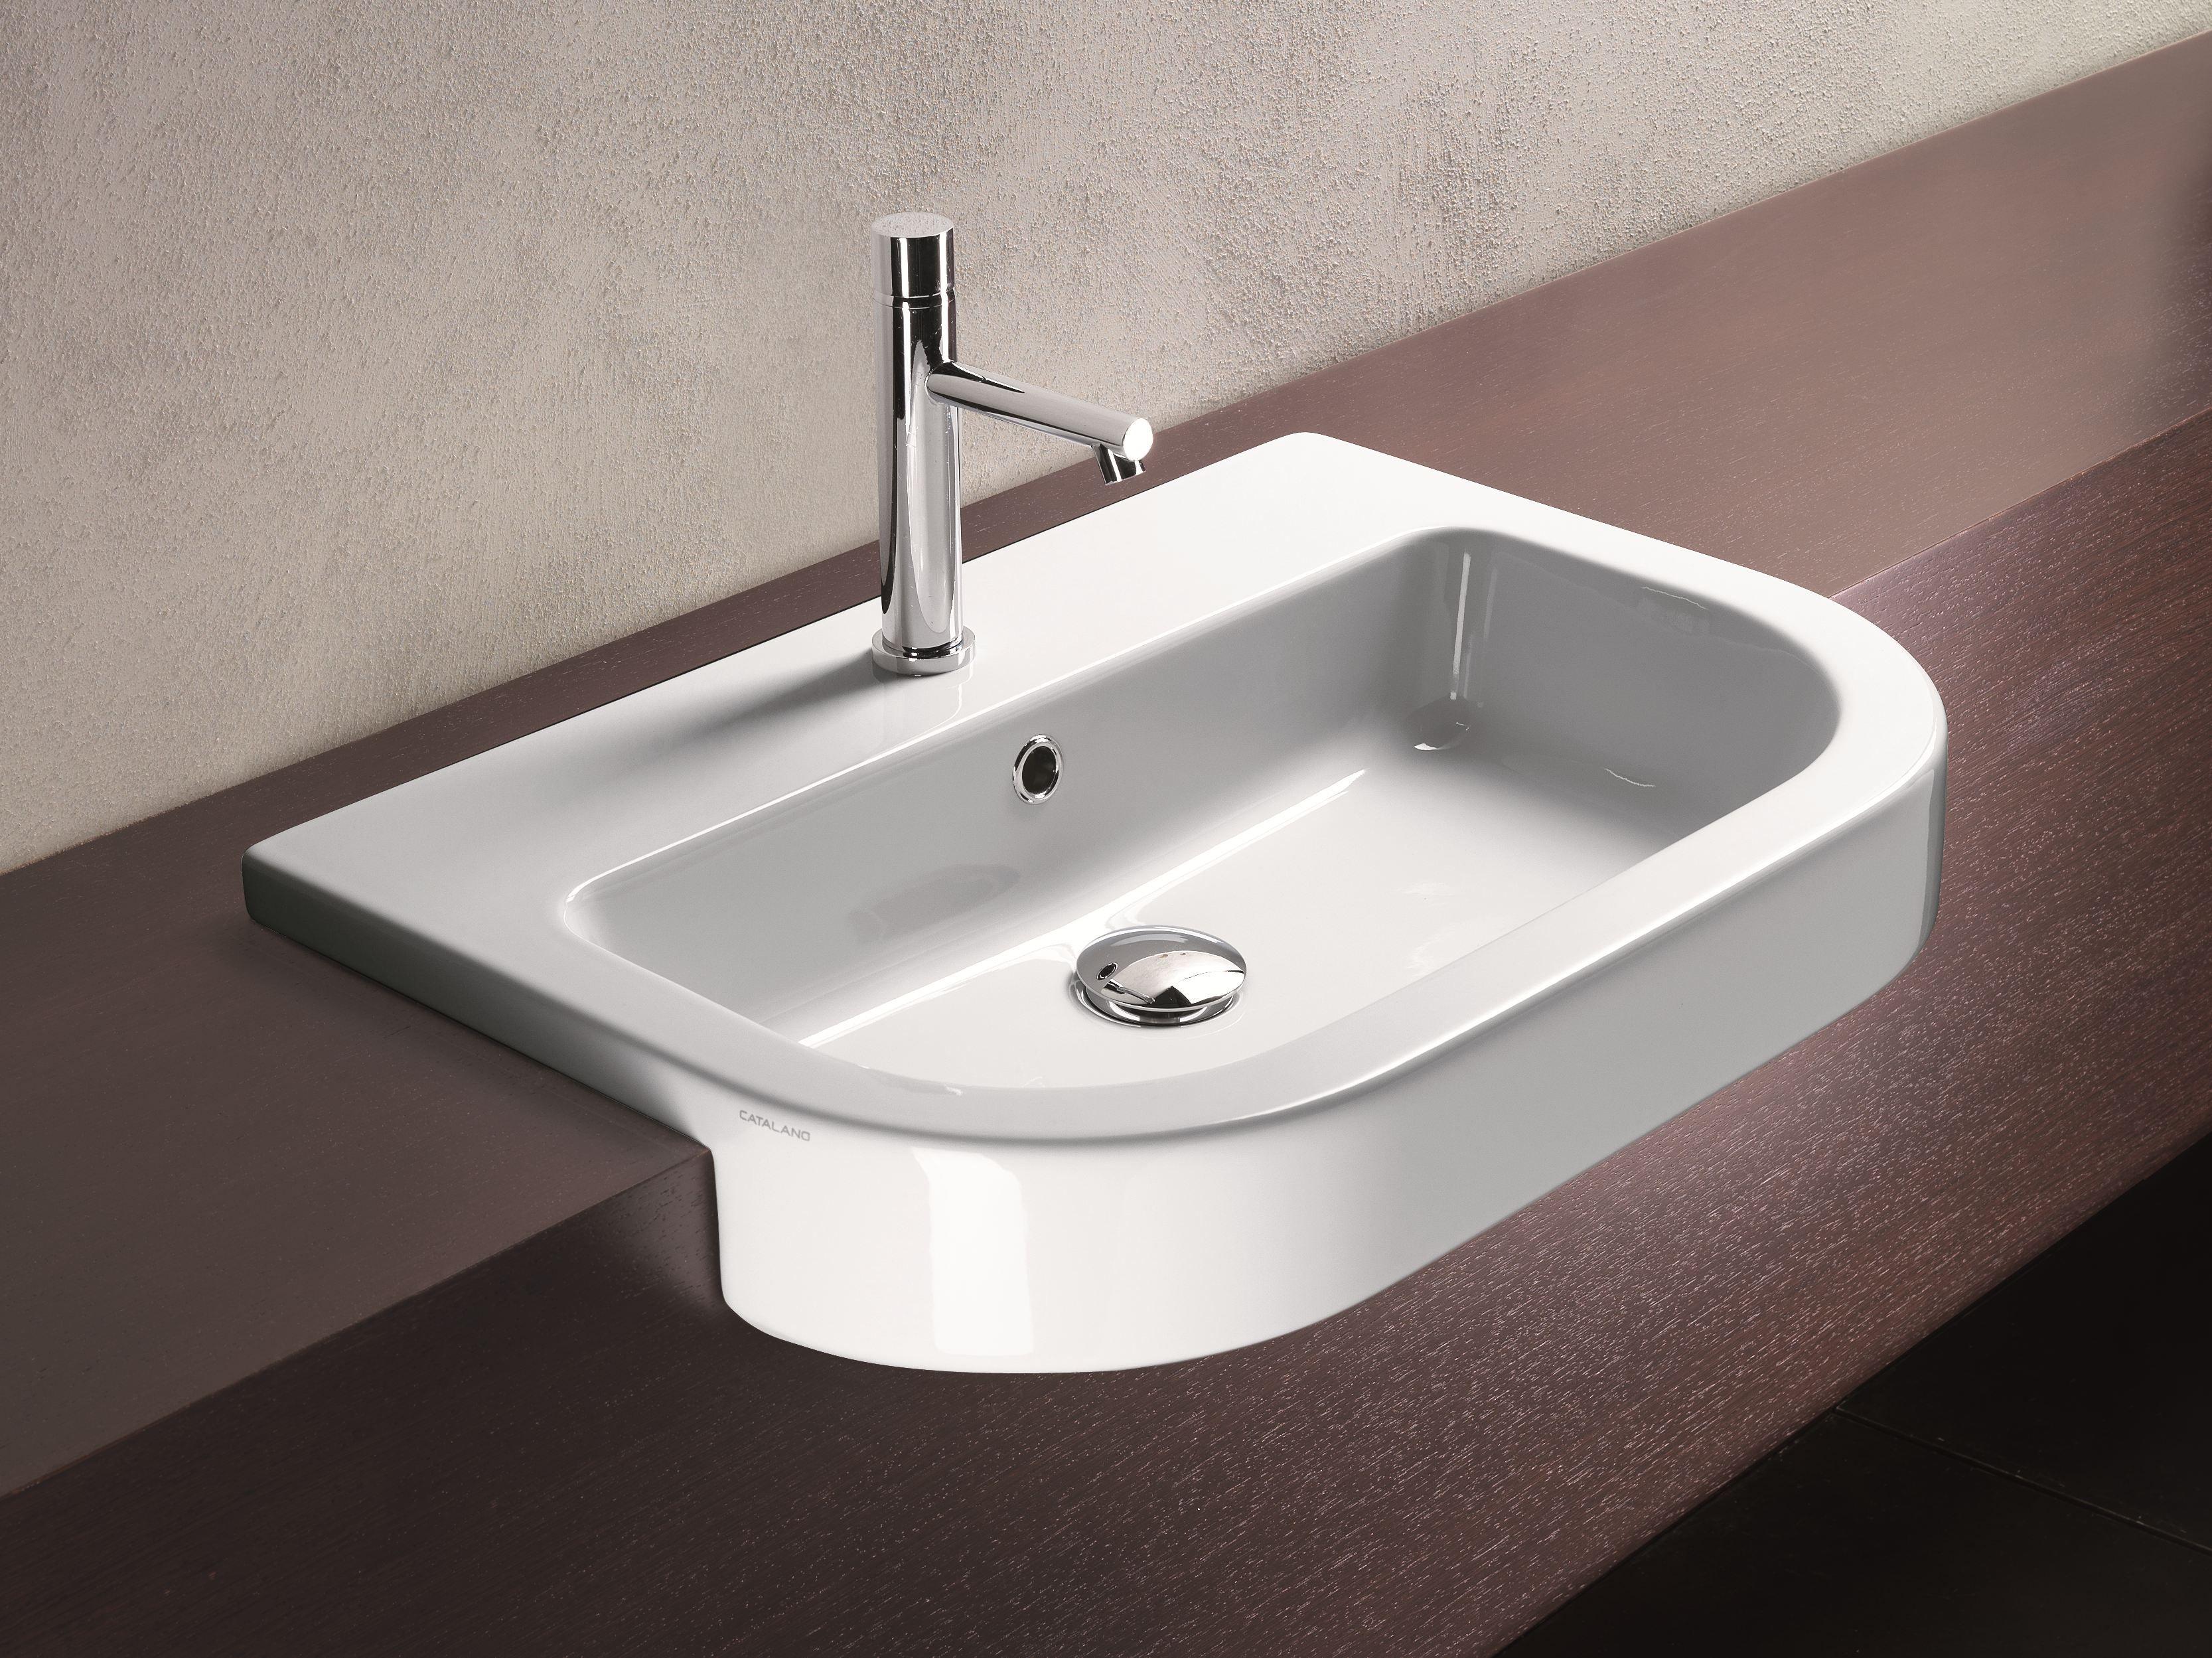 zero tondo 65 lavabo by ceramica catalano design cdc. Black Bedroom Furniture Sets. Home Design Ideas